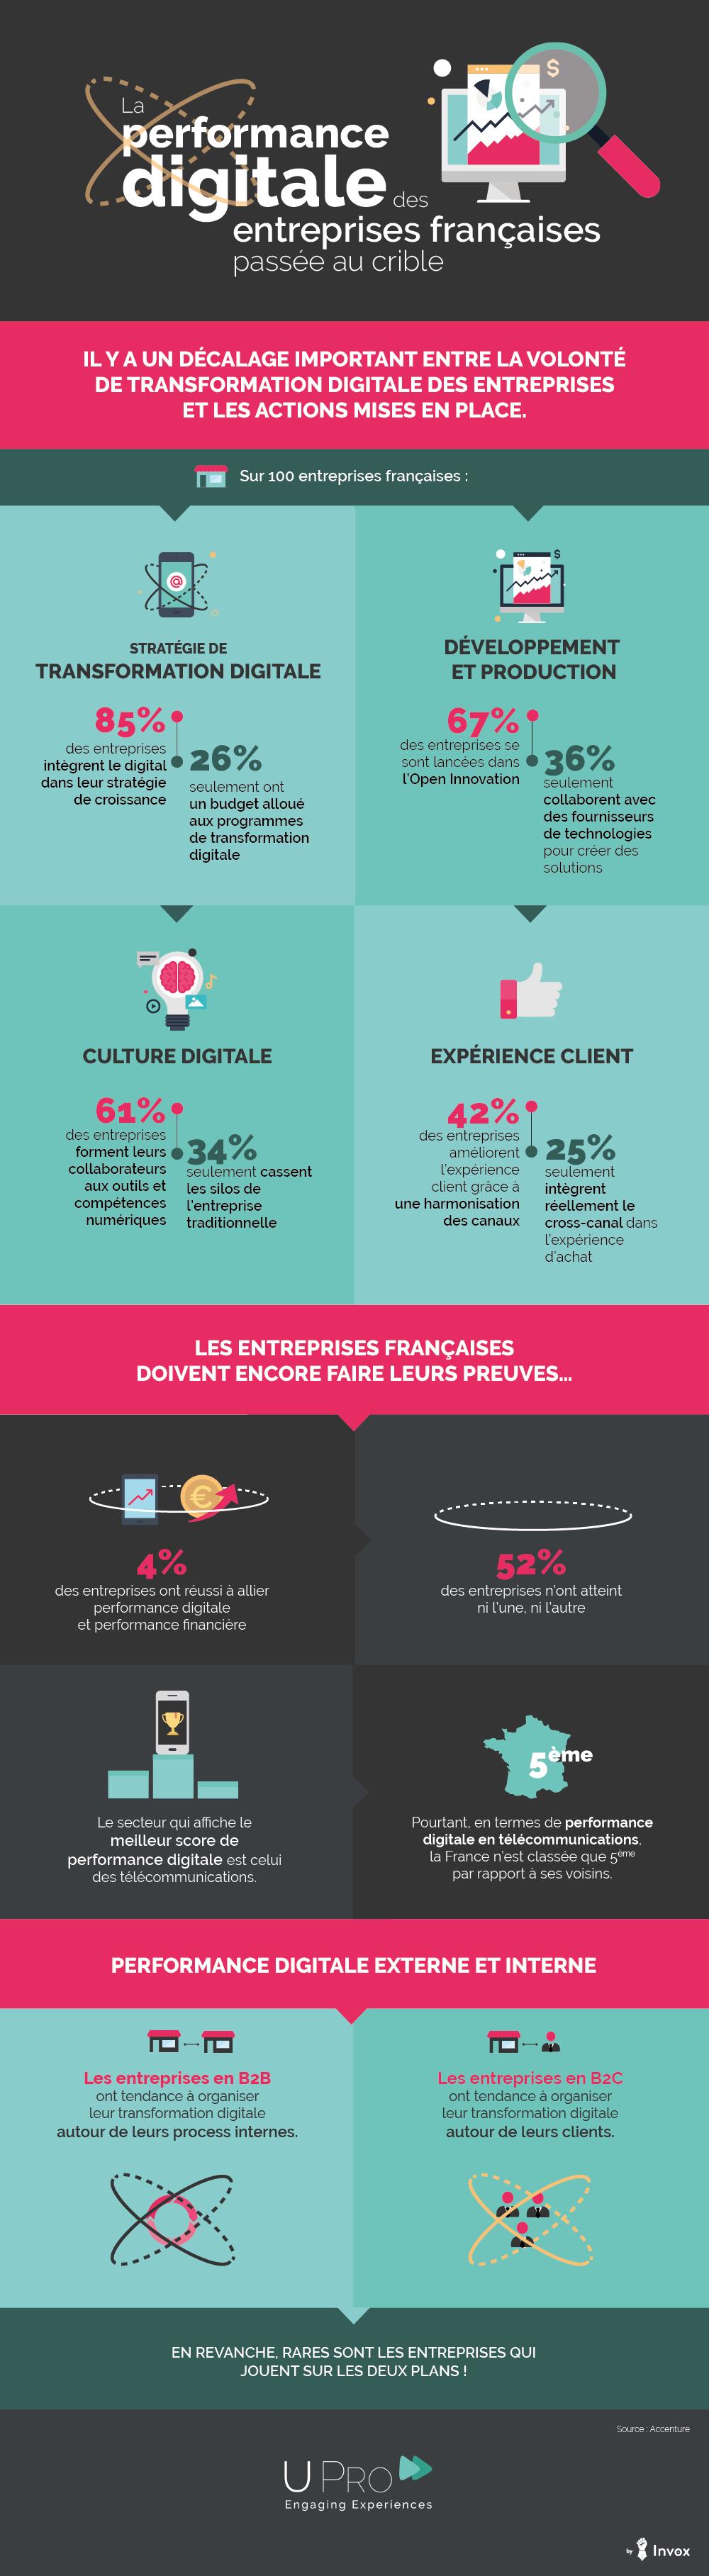 transformation-digitale-des-entreprises-francaises